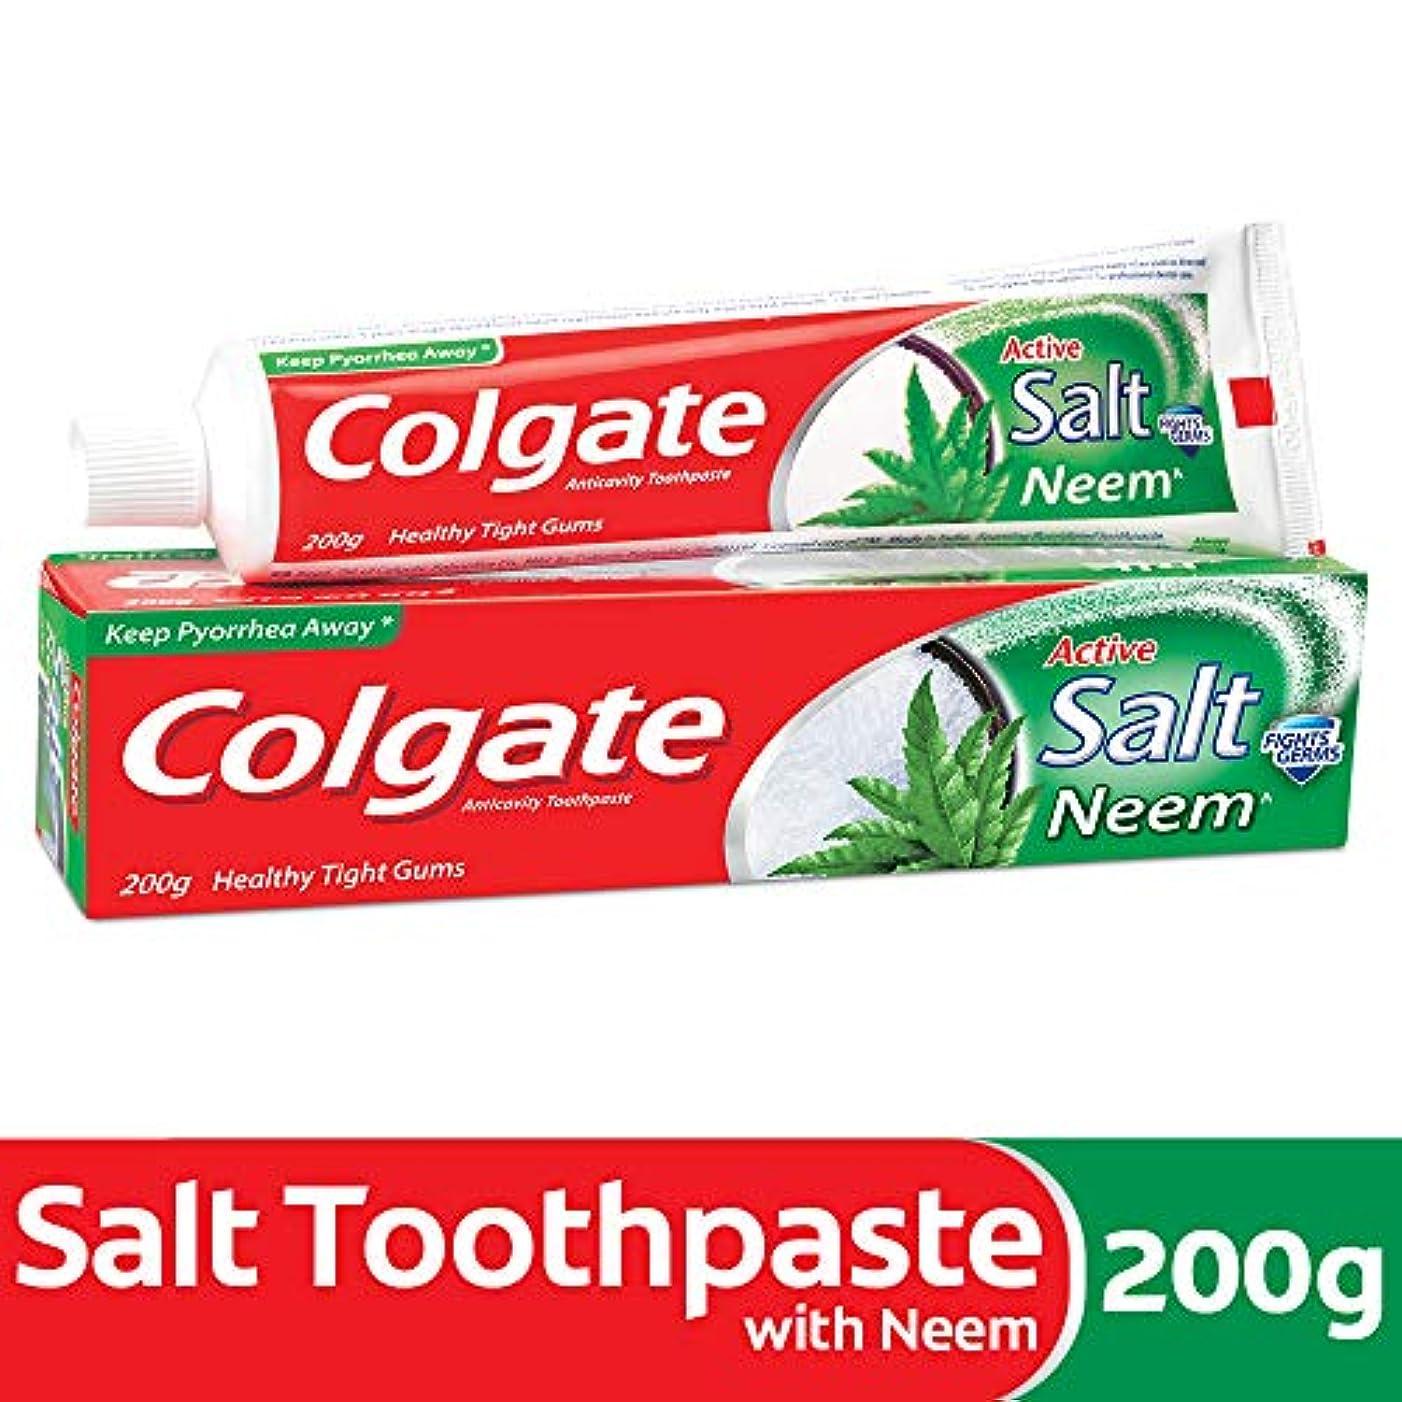 多用途完全に乾くビデオColgate Active Salt Neem Anticavity Toothpaste - 200g